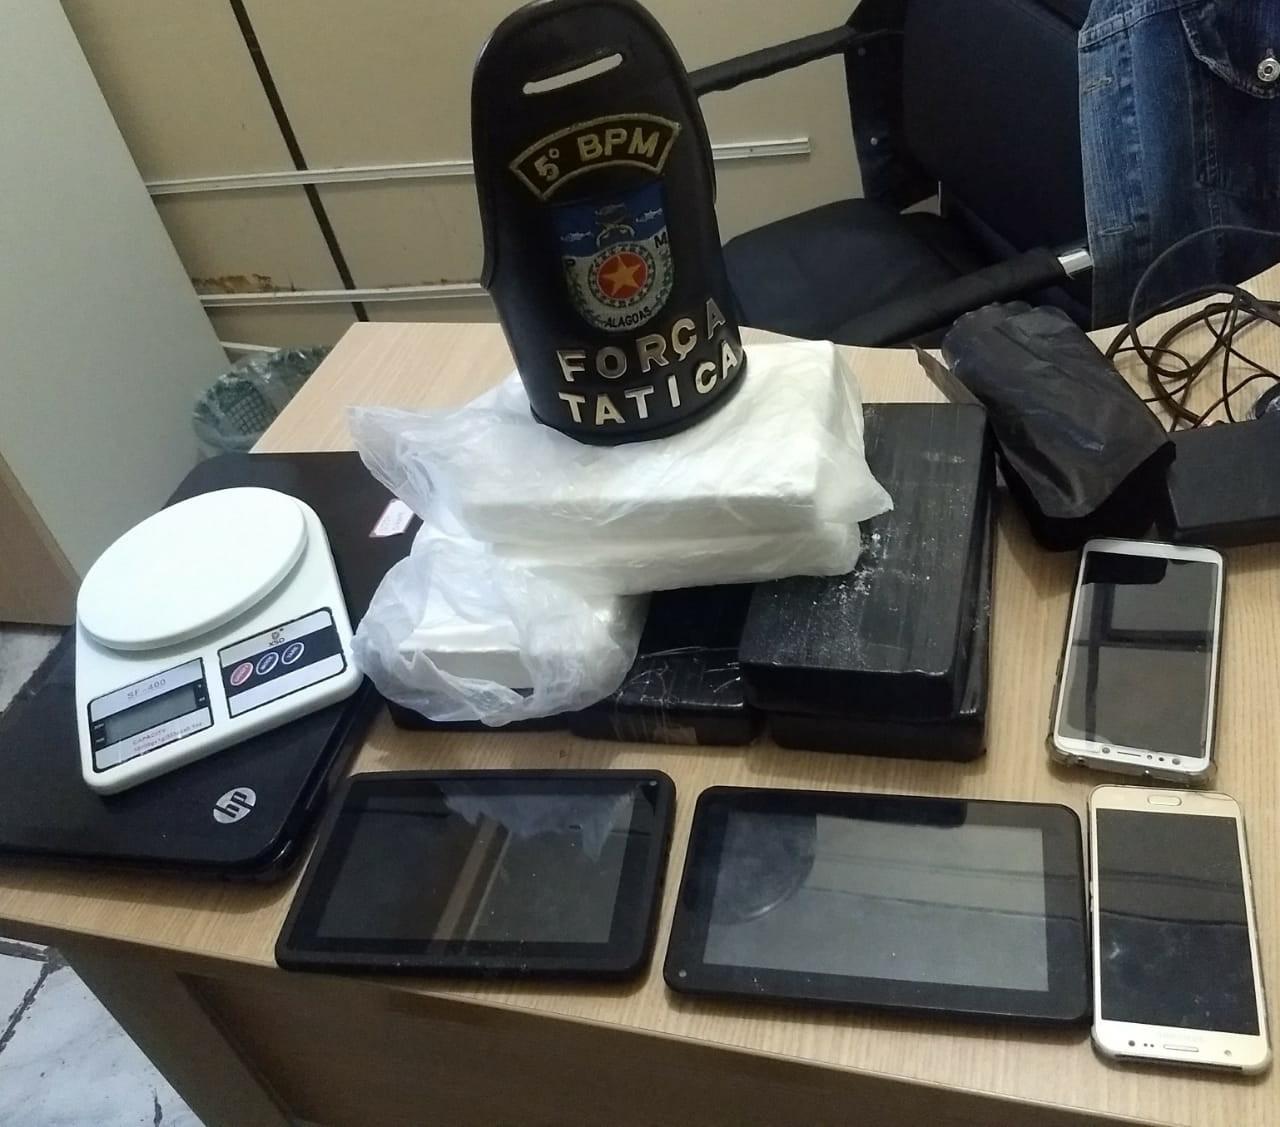 Homem é preso com 7 kg de cocaína no Bendito Bentes, em Maceió - Notícias - Plantão Diário